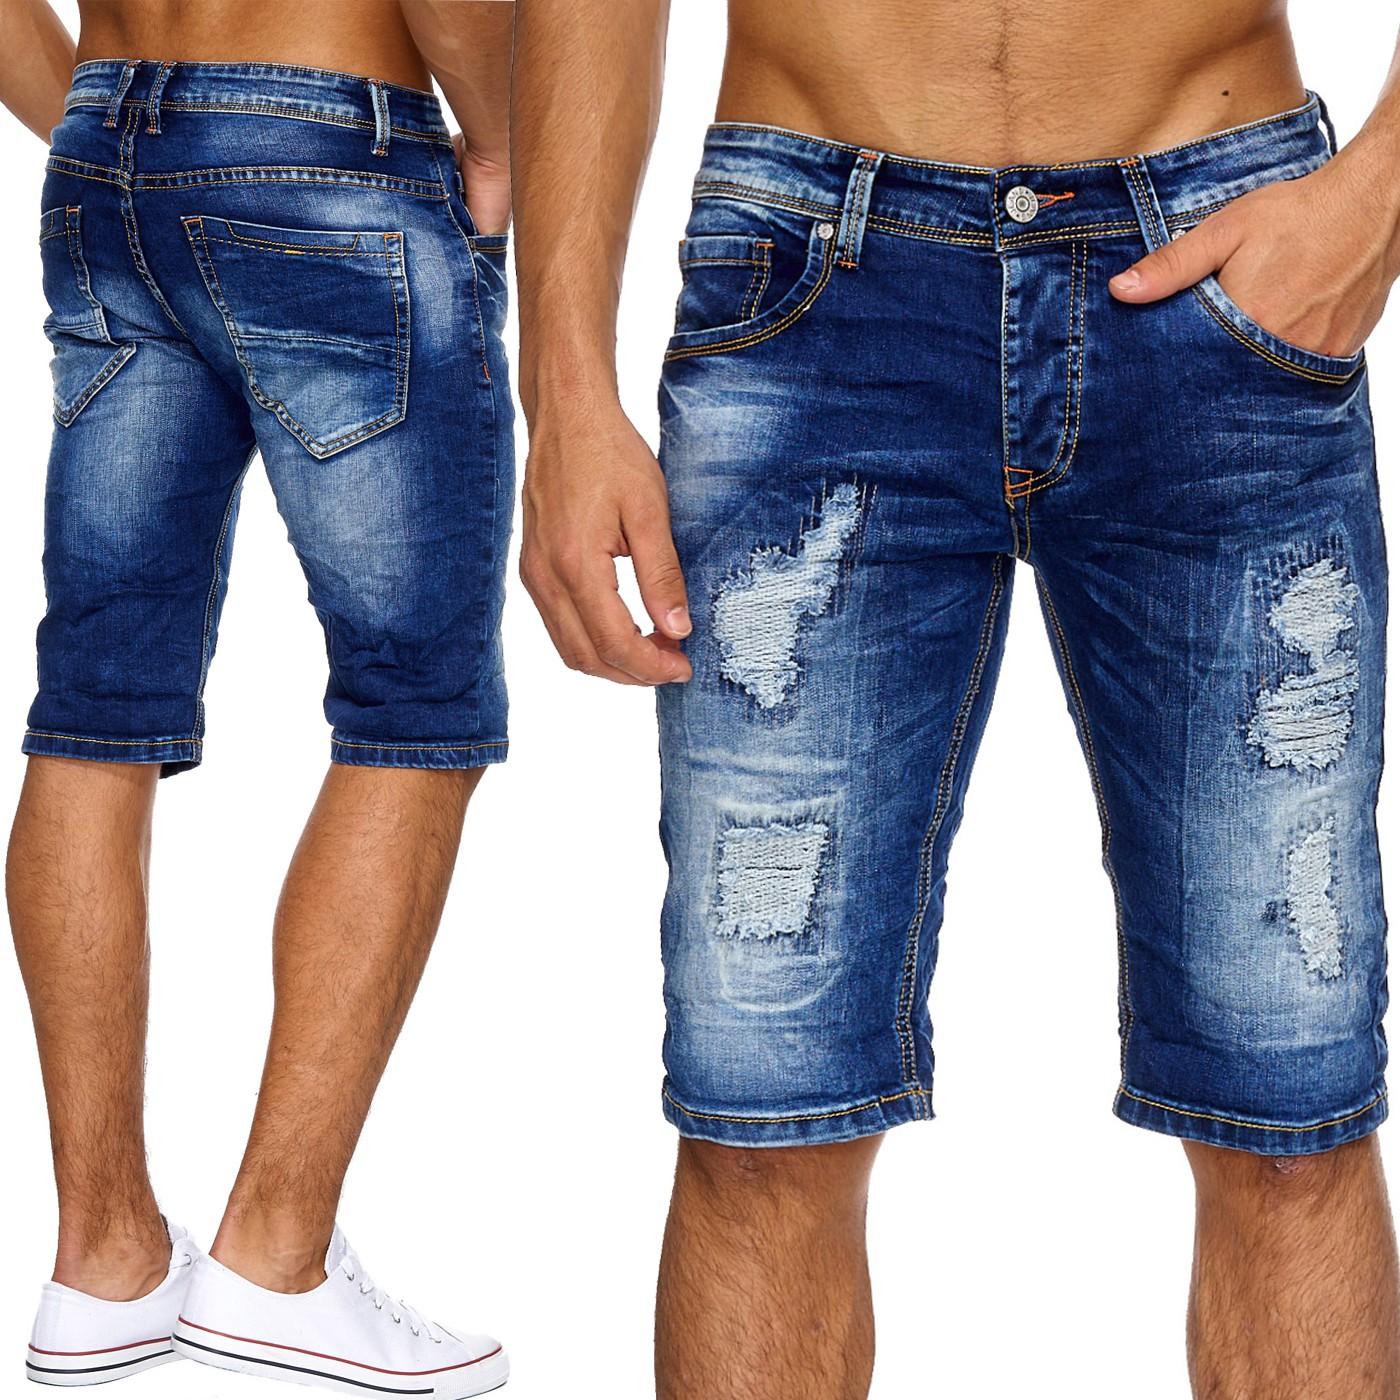 Neu herren jeans shorts zerissene hose l cher destroyed for Zerissene jeans herren